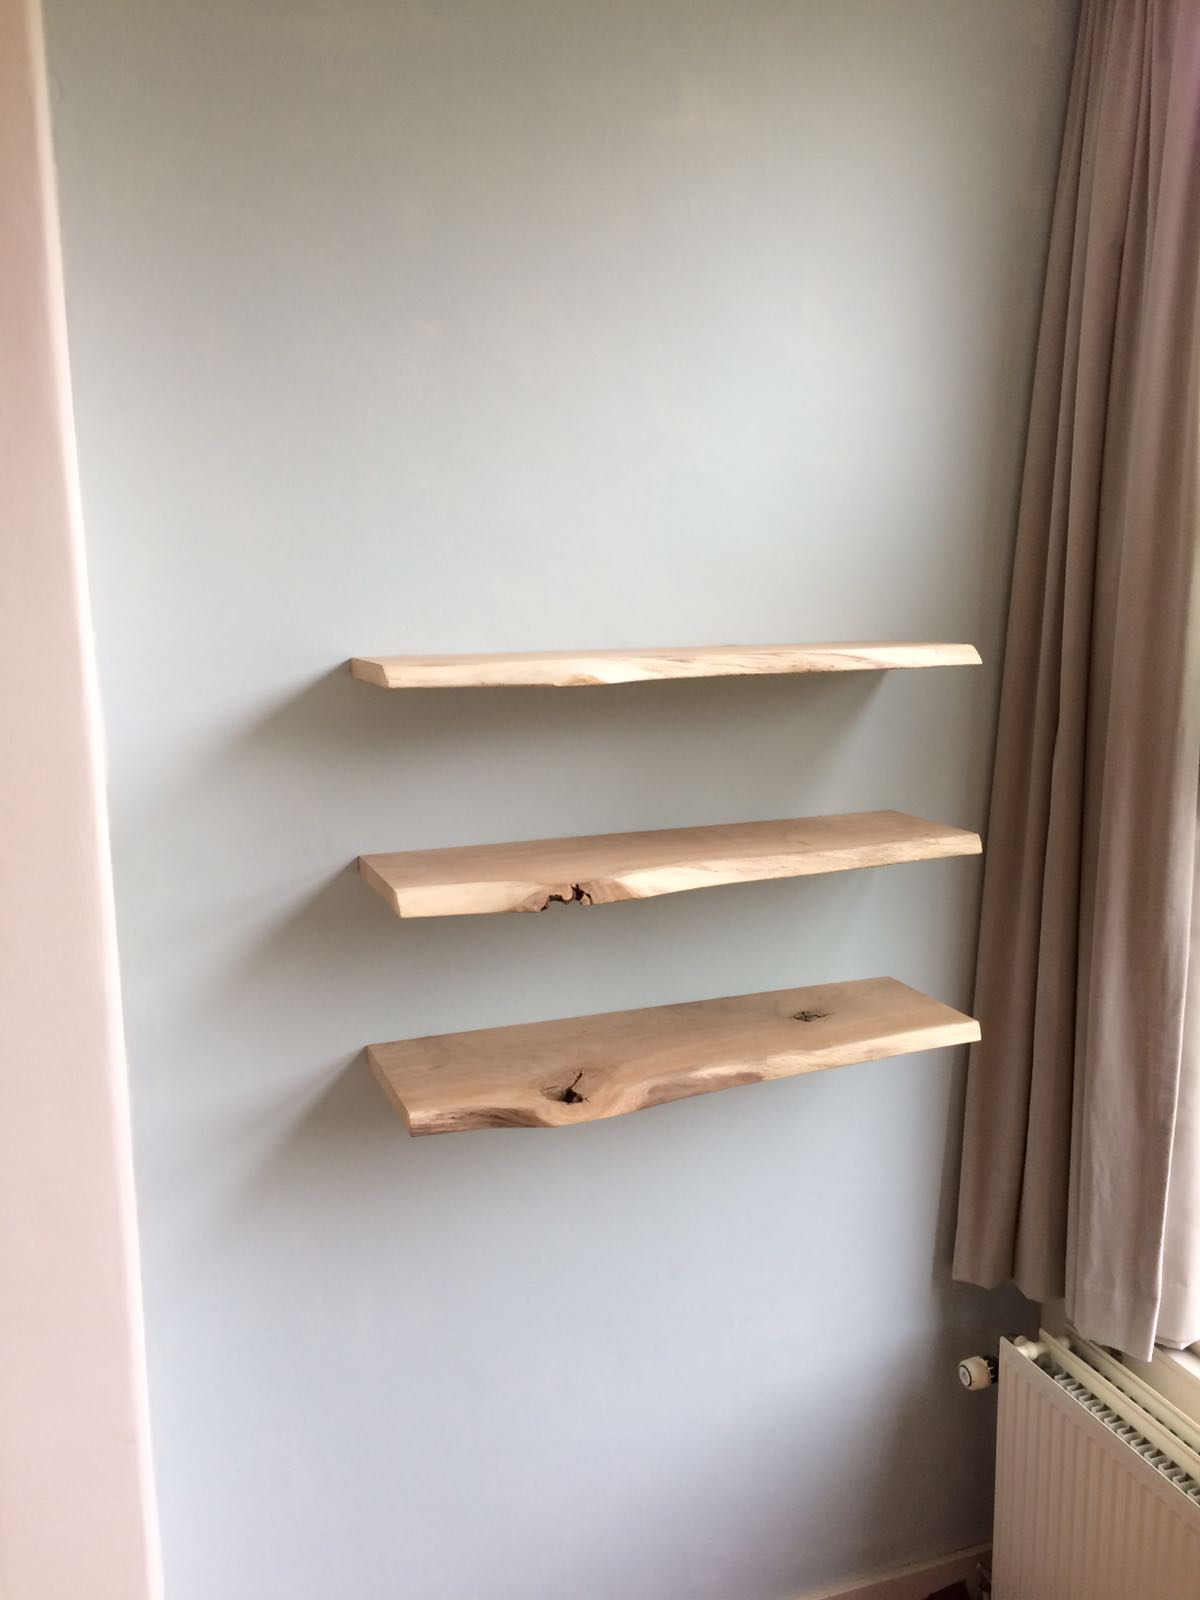 Umbra Conceal Zwevende Boekenplank.Boeken Plank Zwevende Boekenplank With Boeken Plank Good